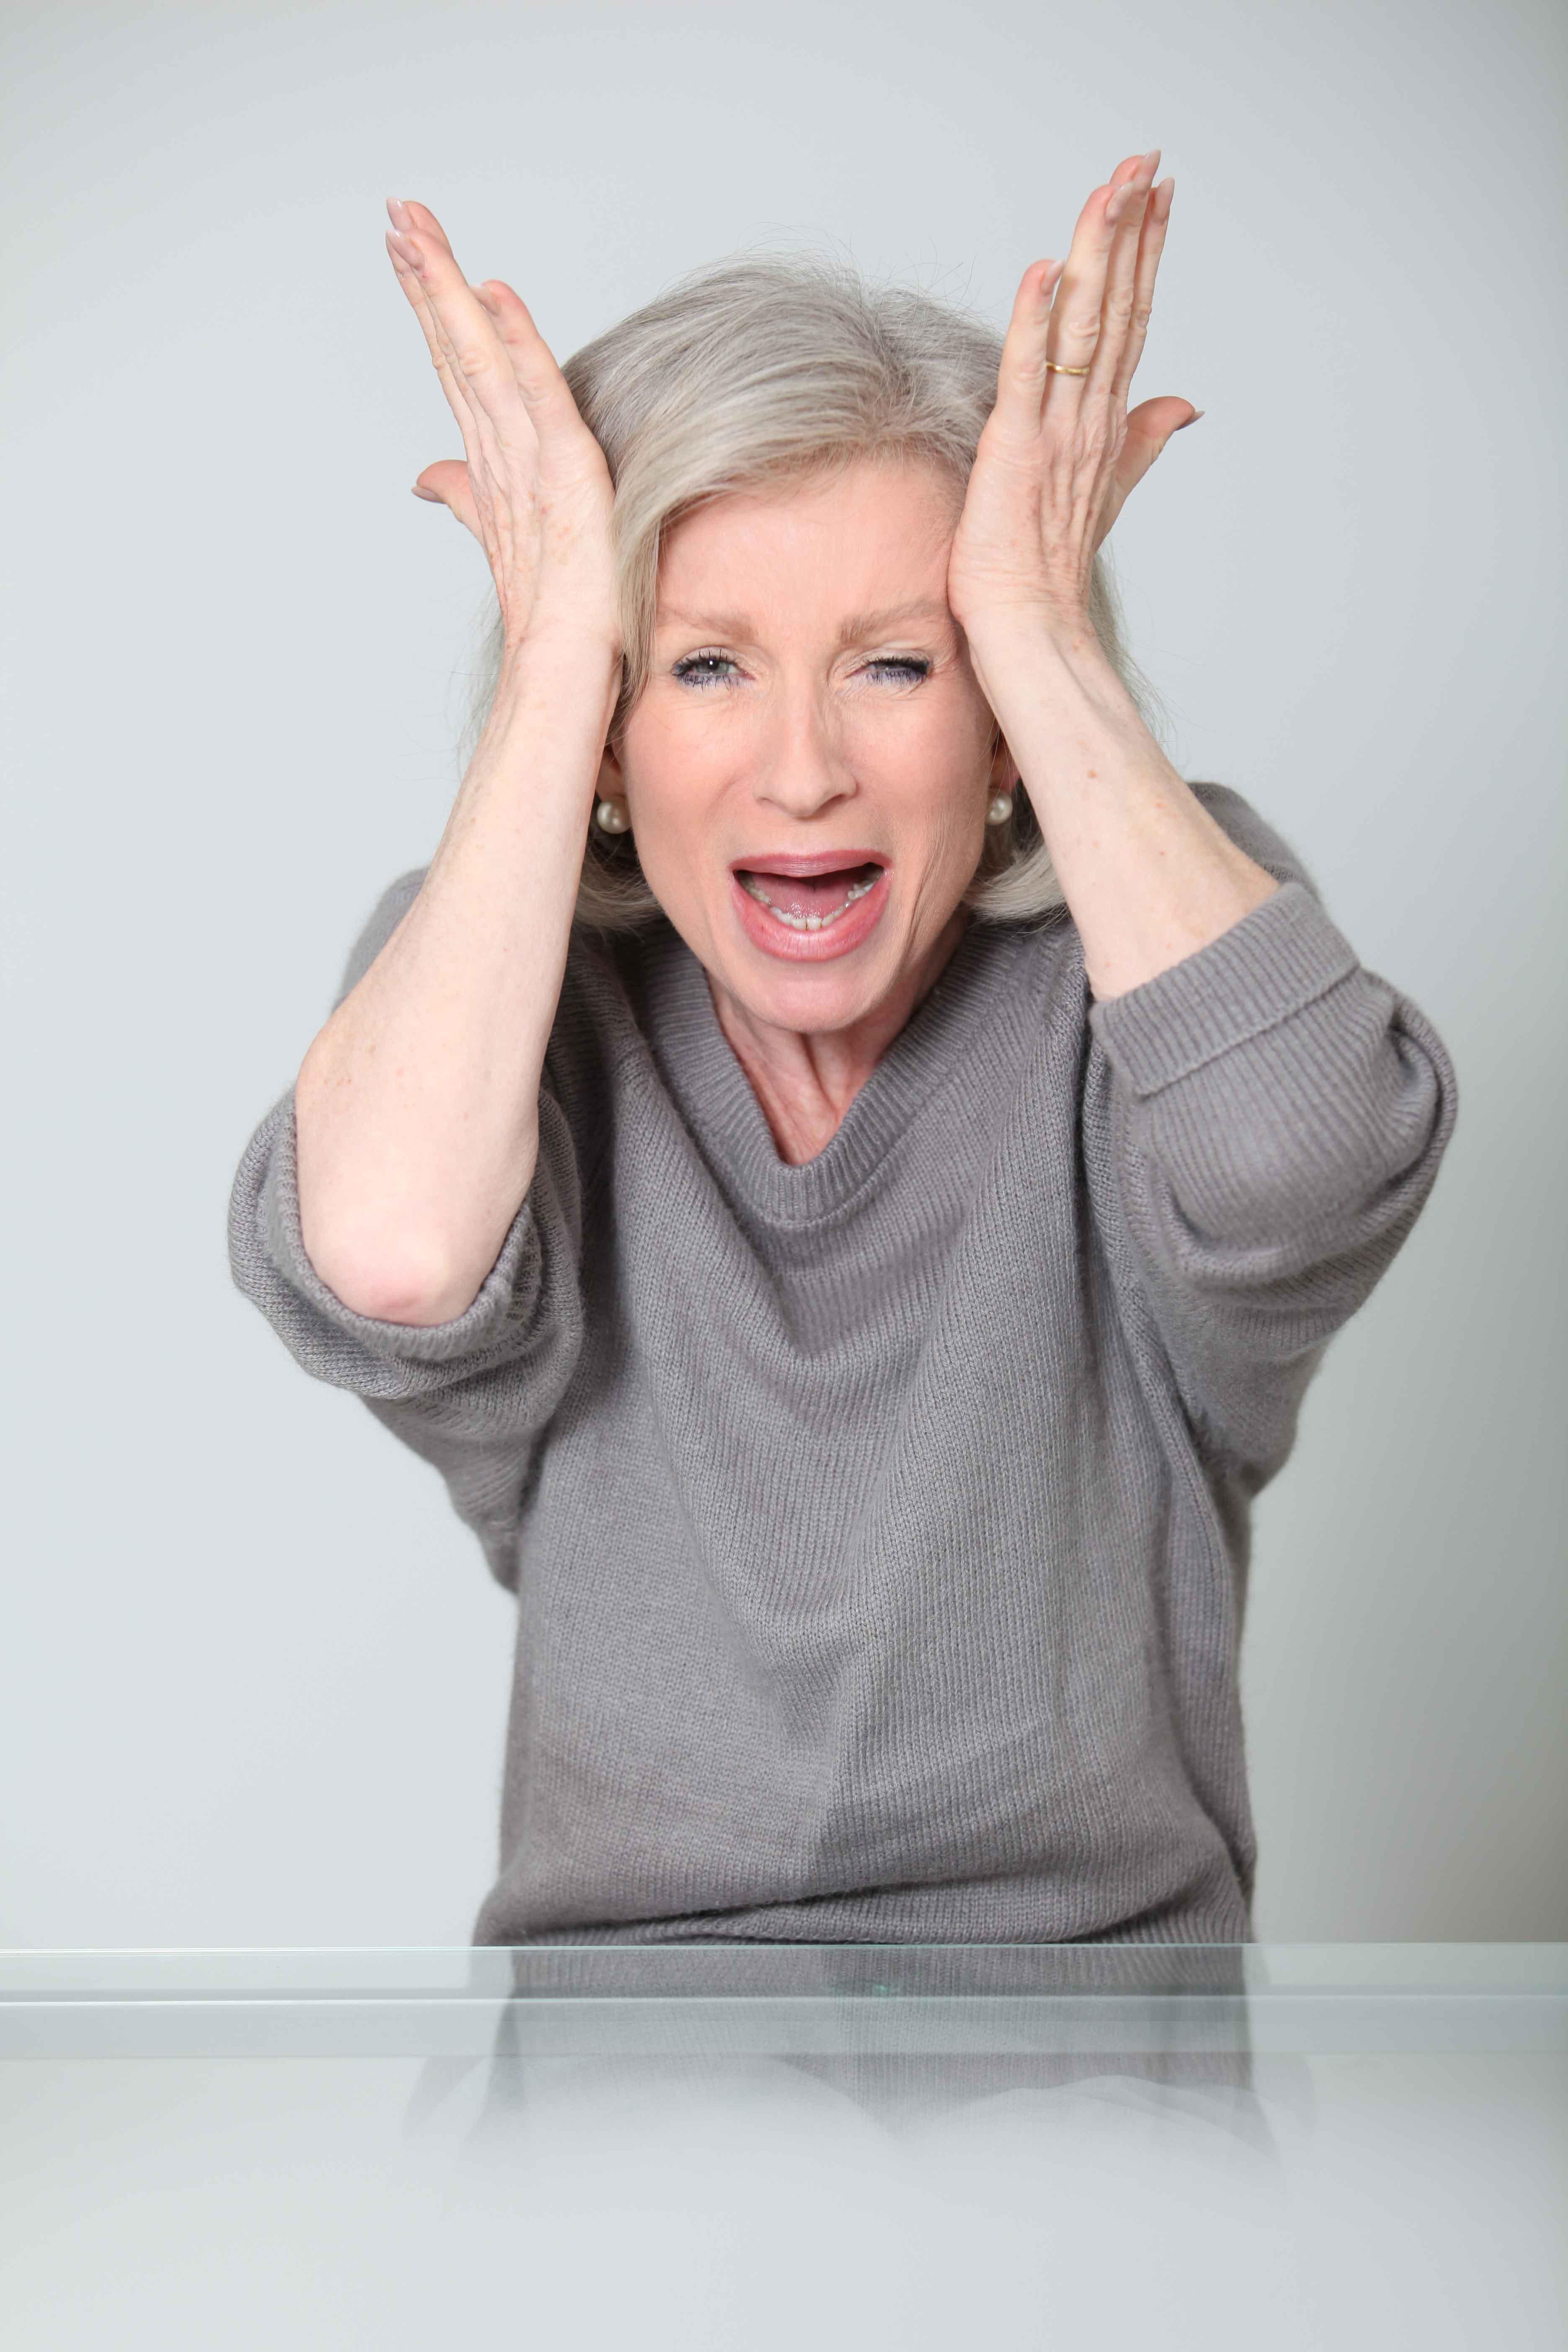 常头痛可能是青光眼症状 青光眼保健指南